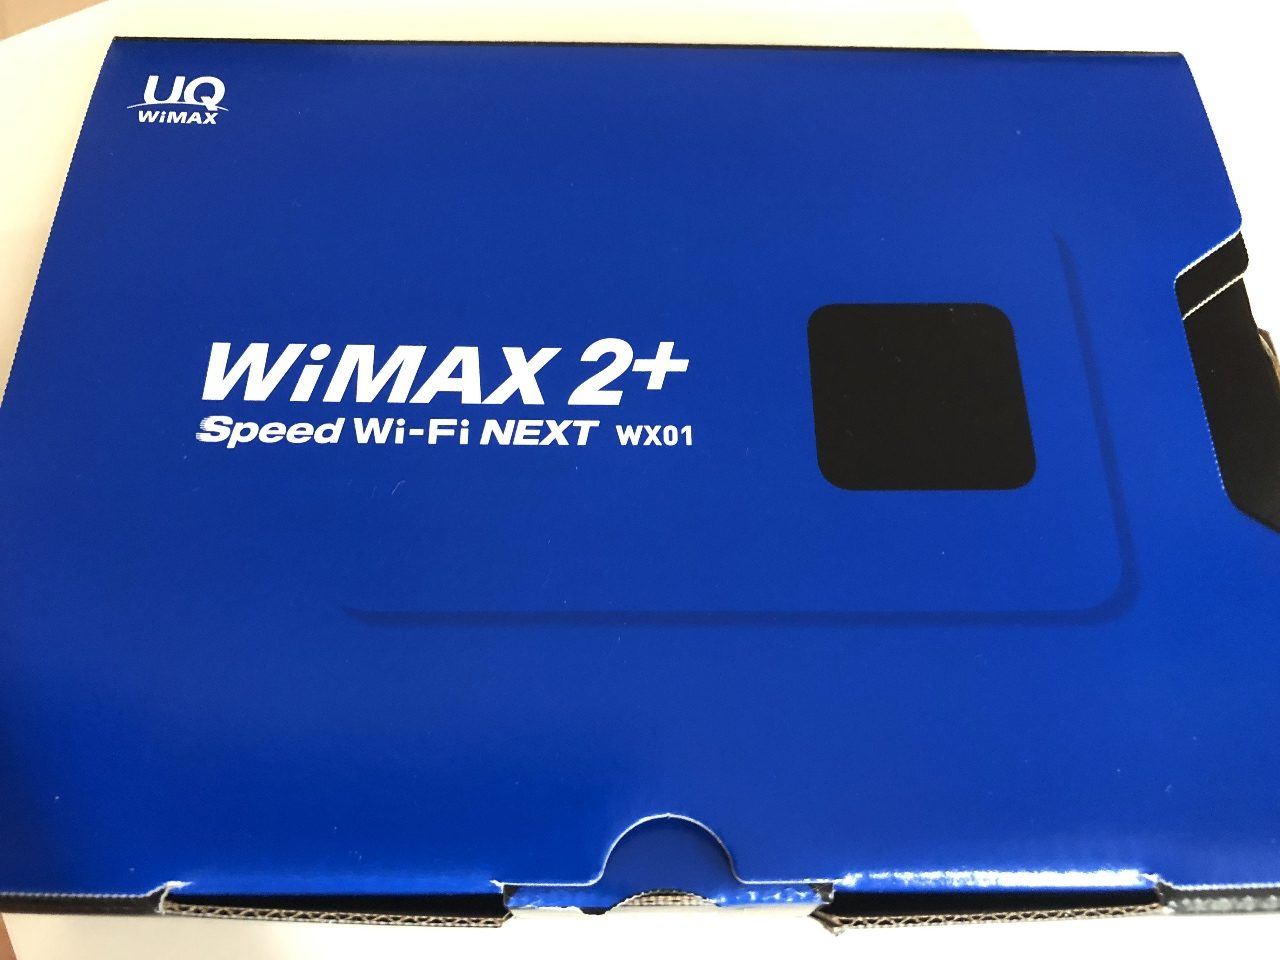 モバイルWi-FiルータならWiMAX 4機種8年間使い続けた満足感